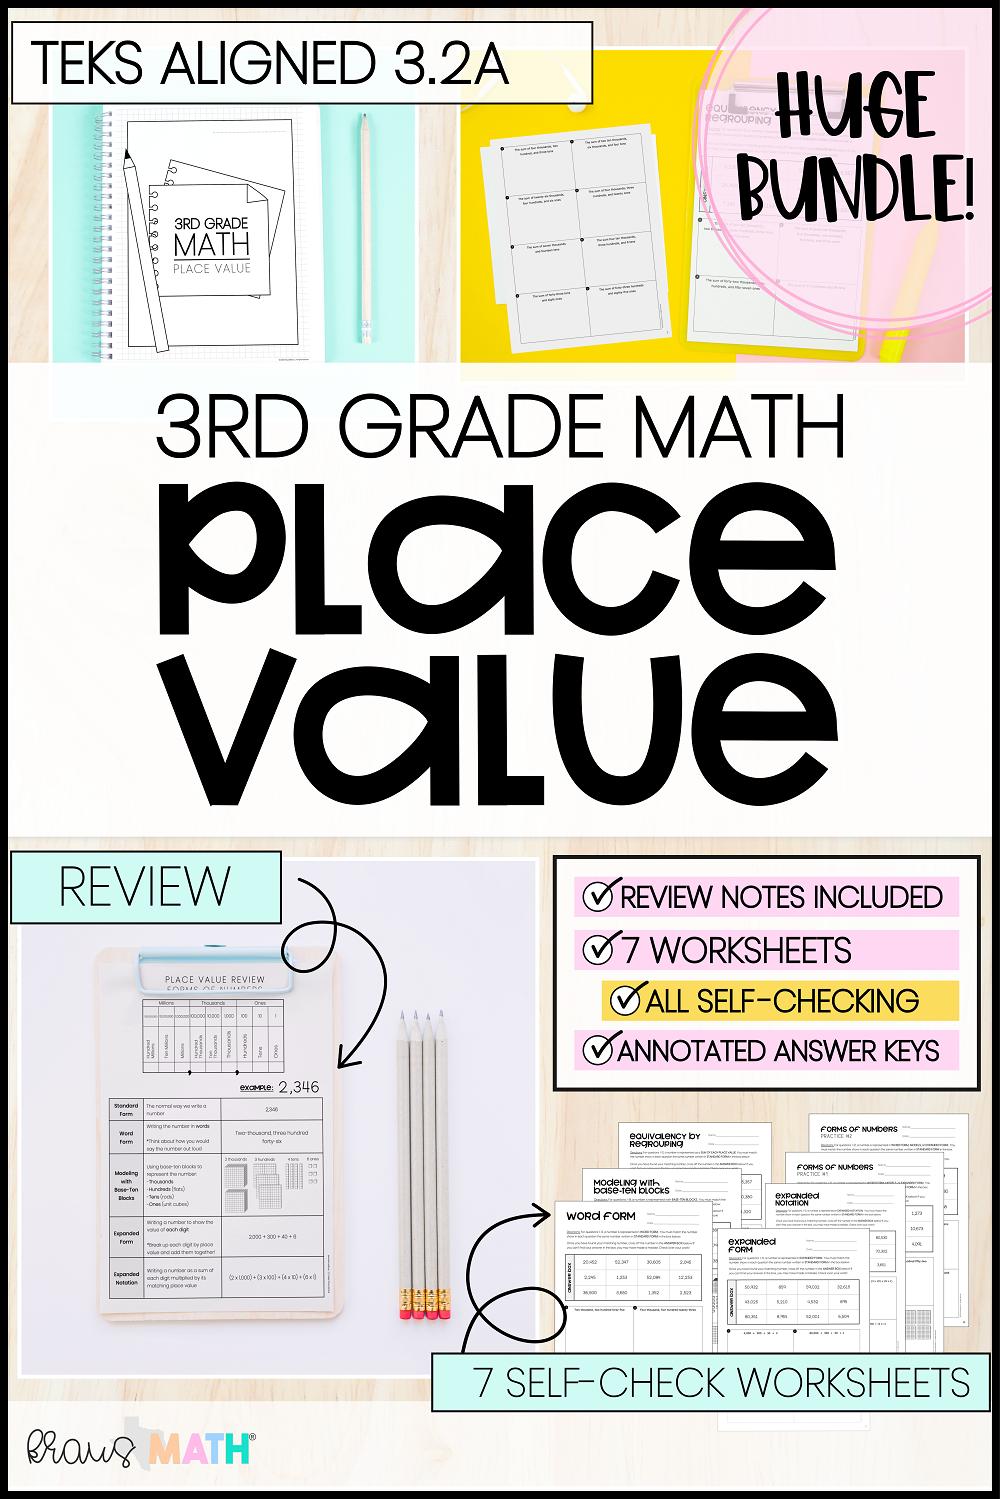 3rd Grade Math Packet #1   Place Value   Kraus Math   Math packets [ 1499 x 1000 Pixel ]